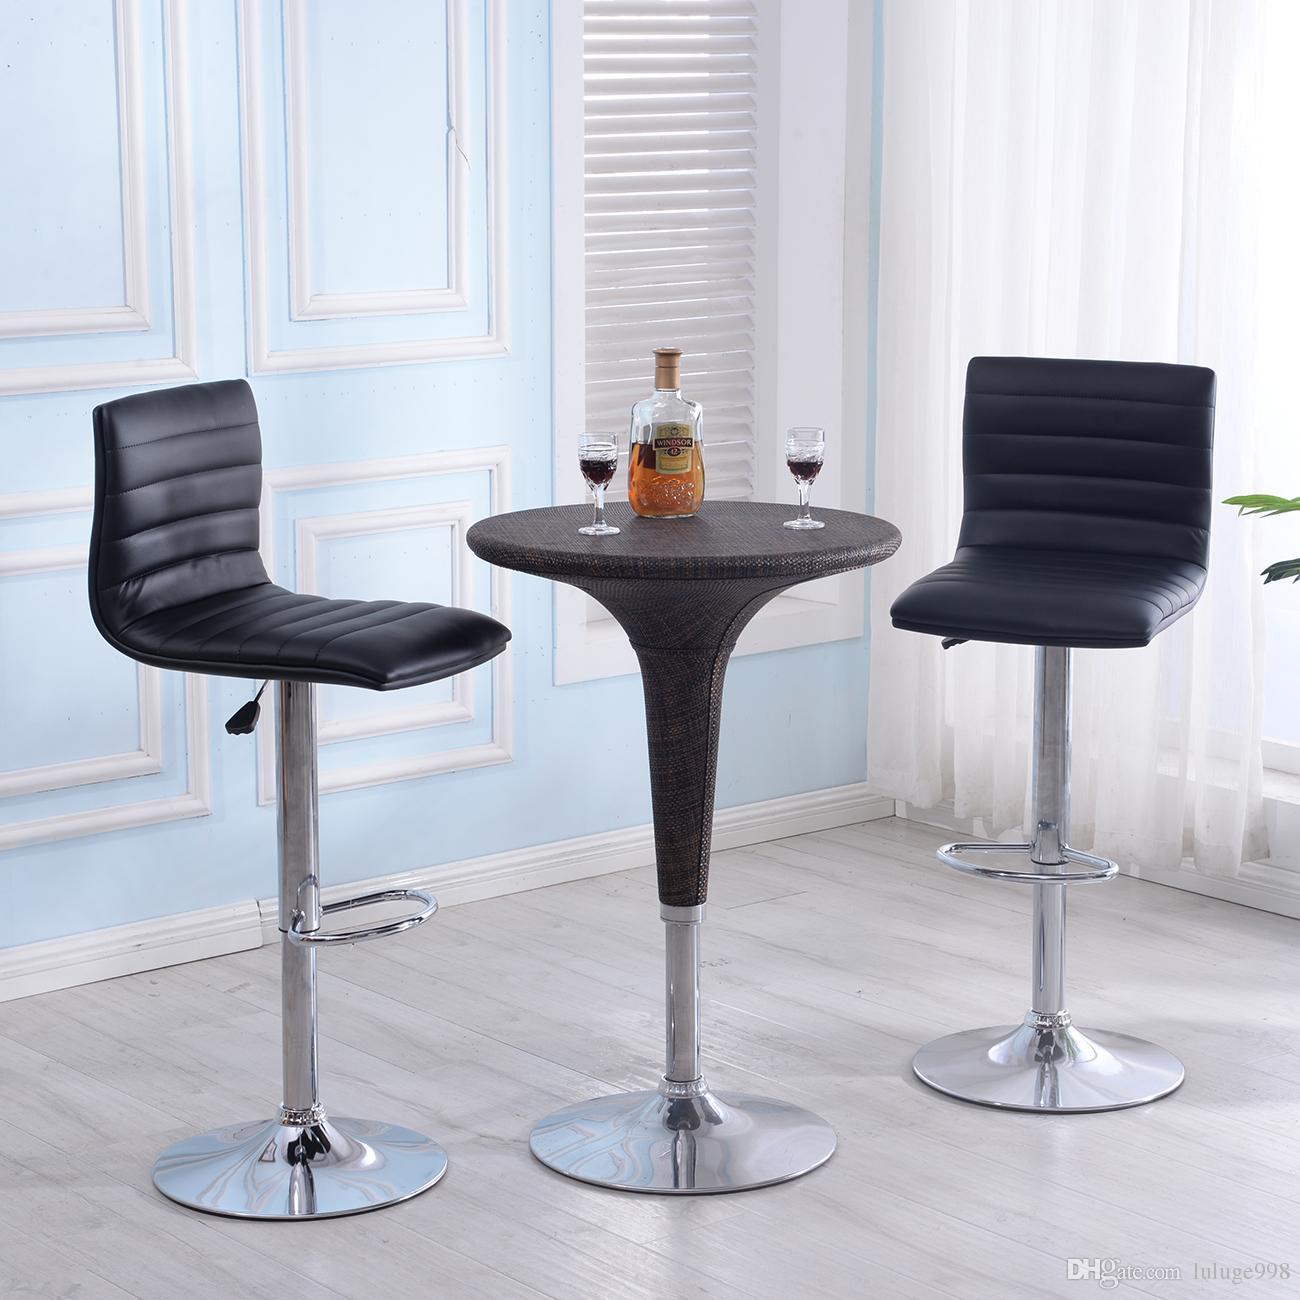 Acheter Ensemble Moderne De 2 Chaises Bar Pivotantes En Cuir Reglables Multicolores 4825 Du Luluge998